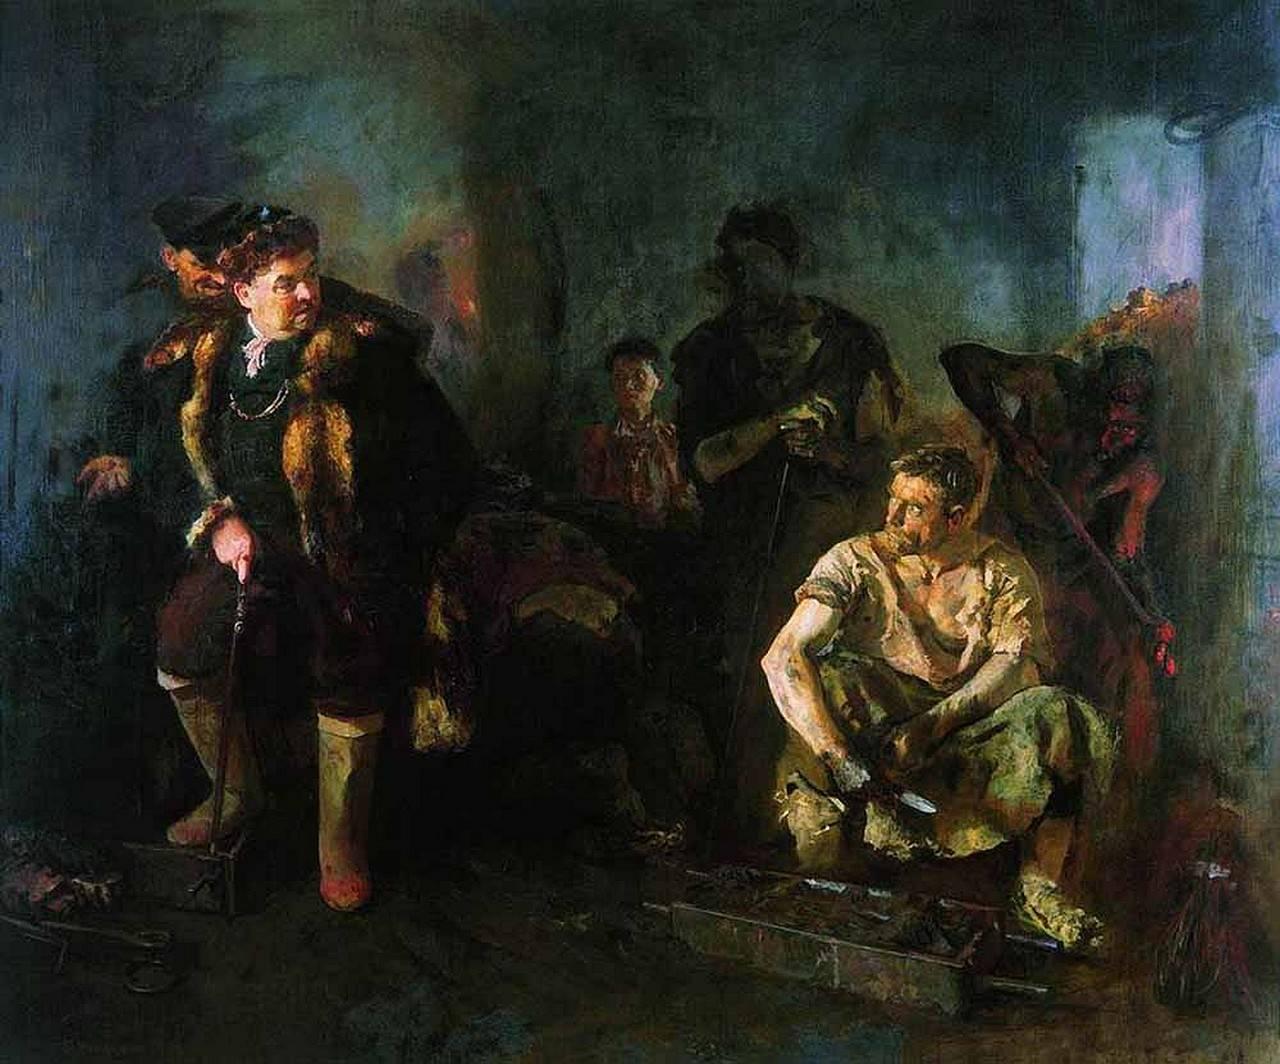 Б. Иогансон. На старом уральском заводе. 1937, Государственная Третьяковская галерея, Москва